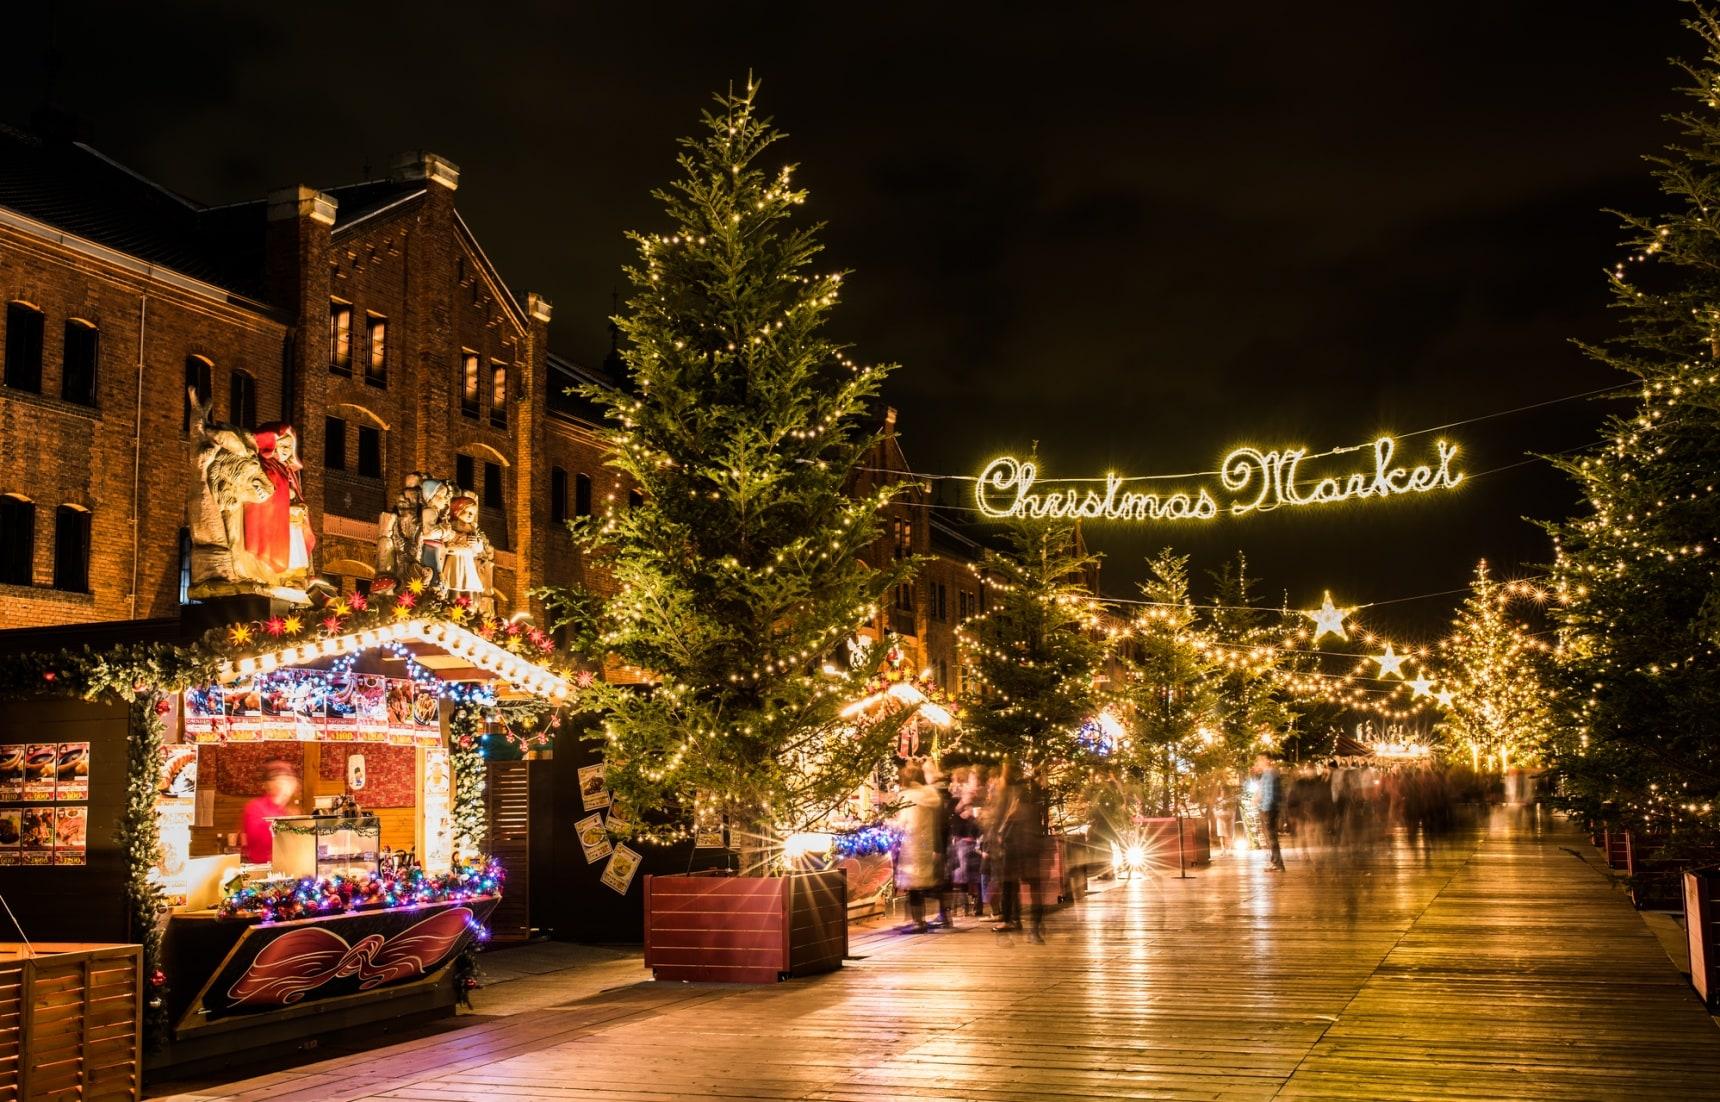 今晚聖誕市集見!